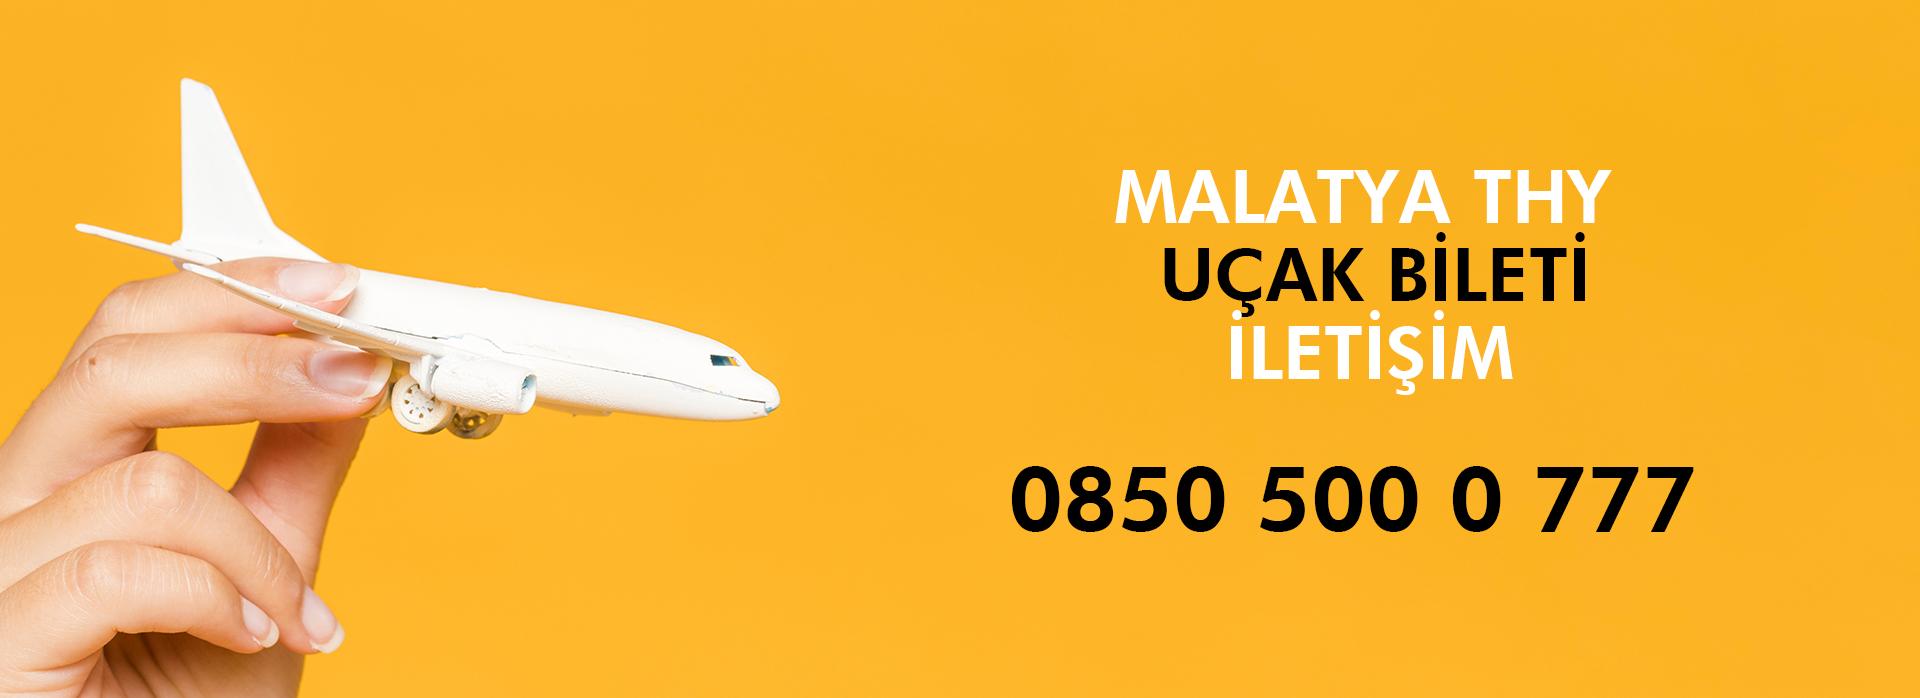 Malatya Thy İletişim